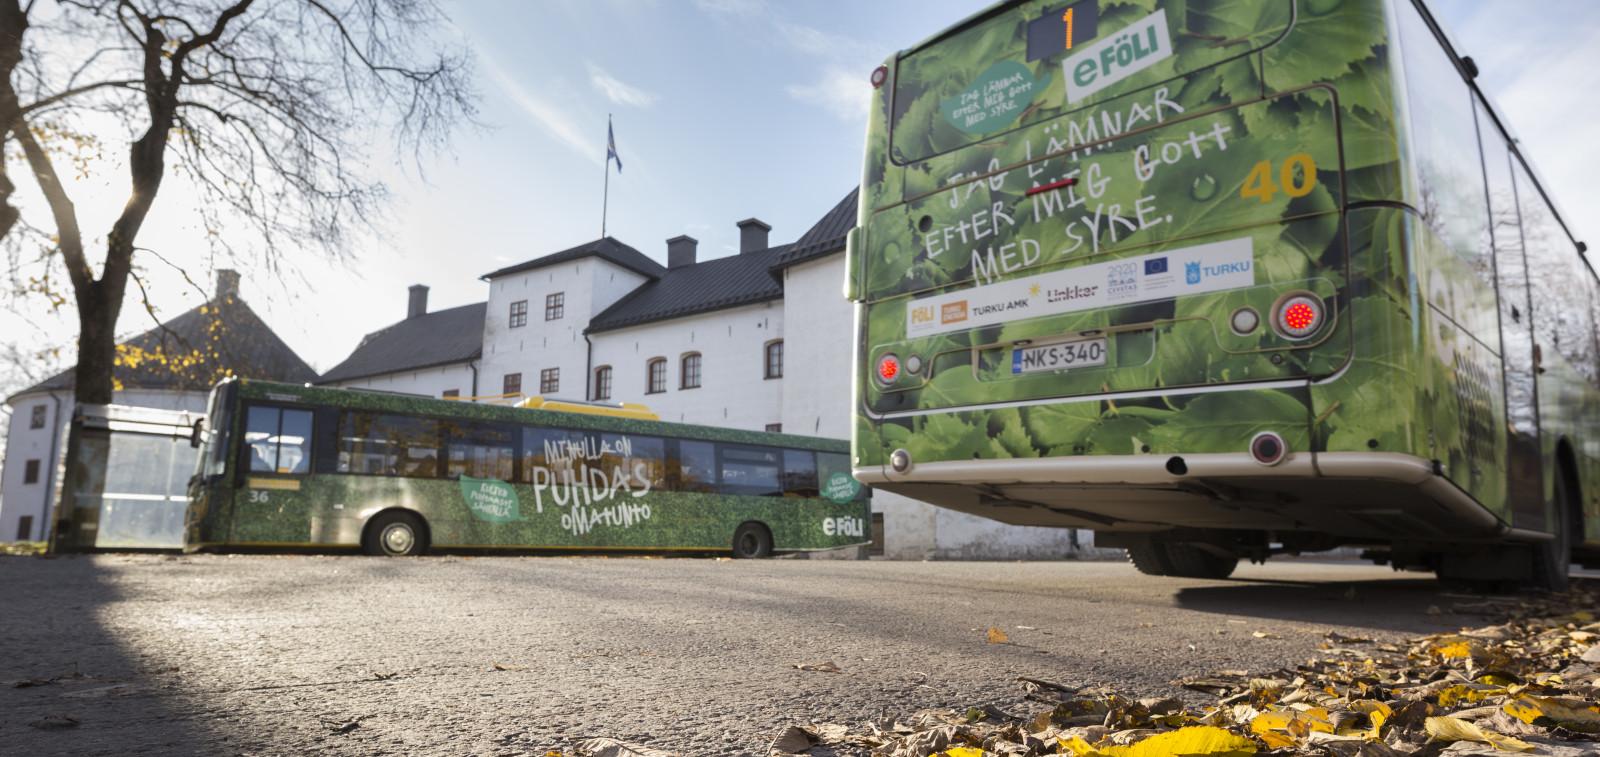 Fölin sähköbussi Turun linnan edessä